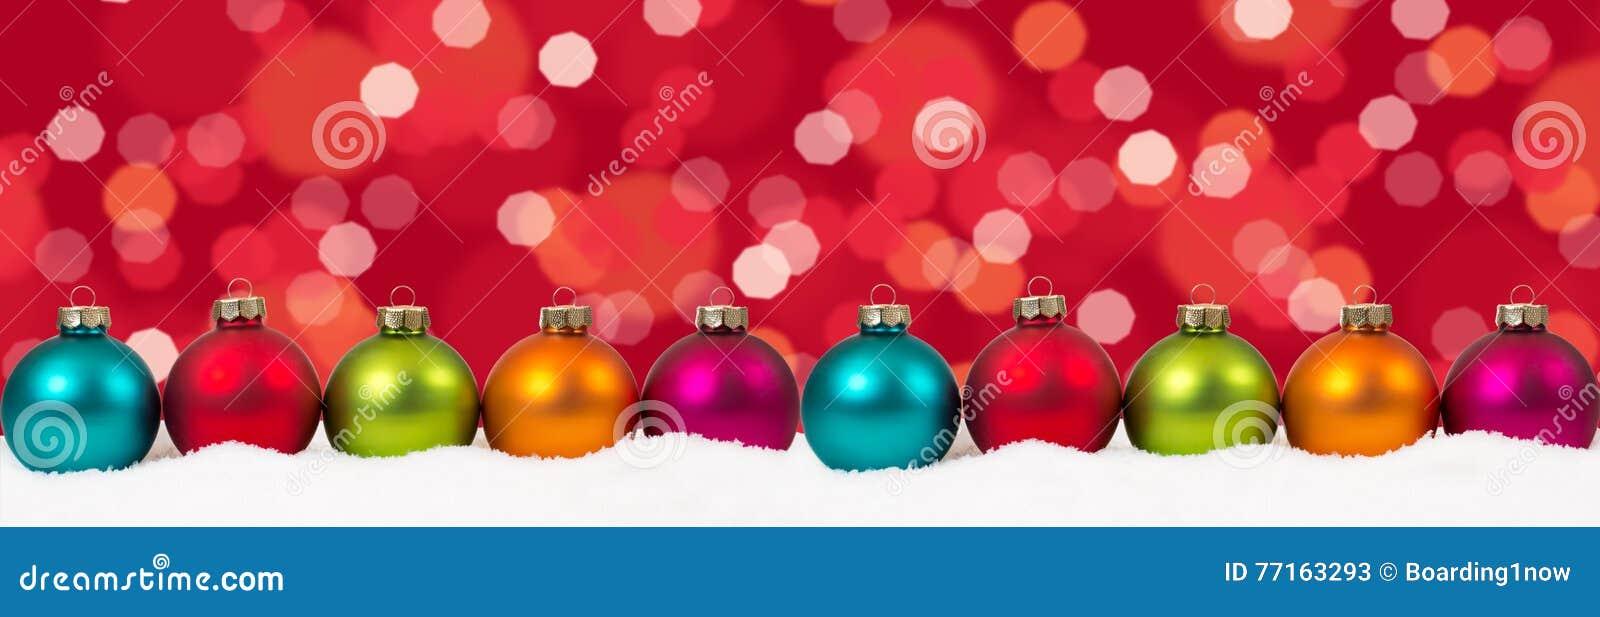 La décoration colorée de bannière de boules de Noël allume la cannette de fil de fond